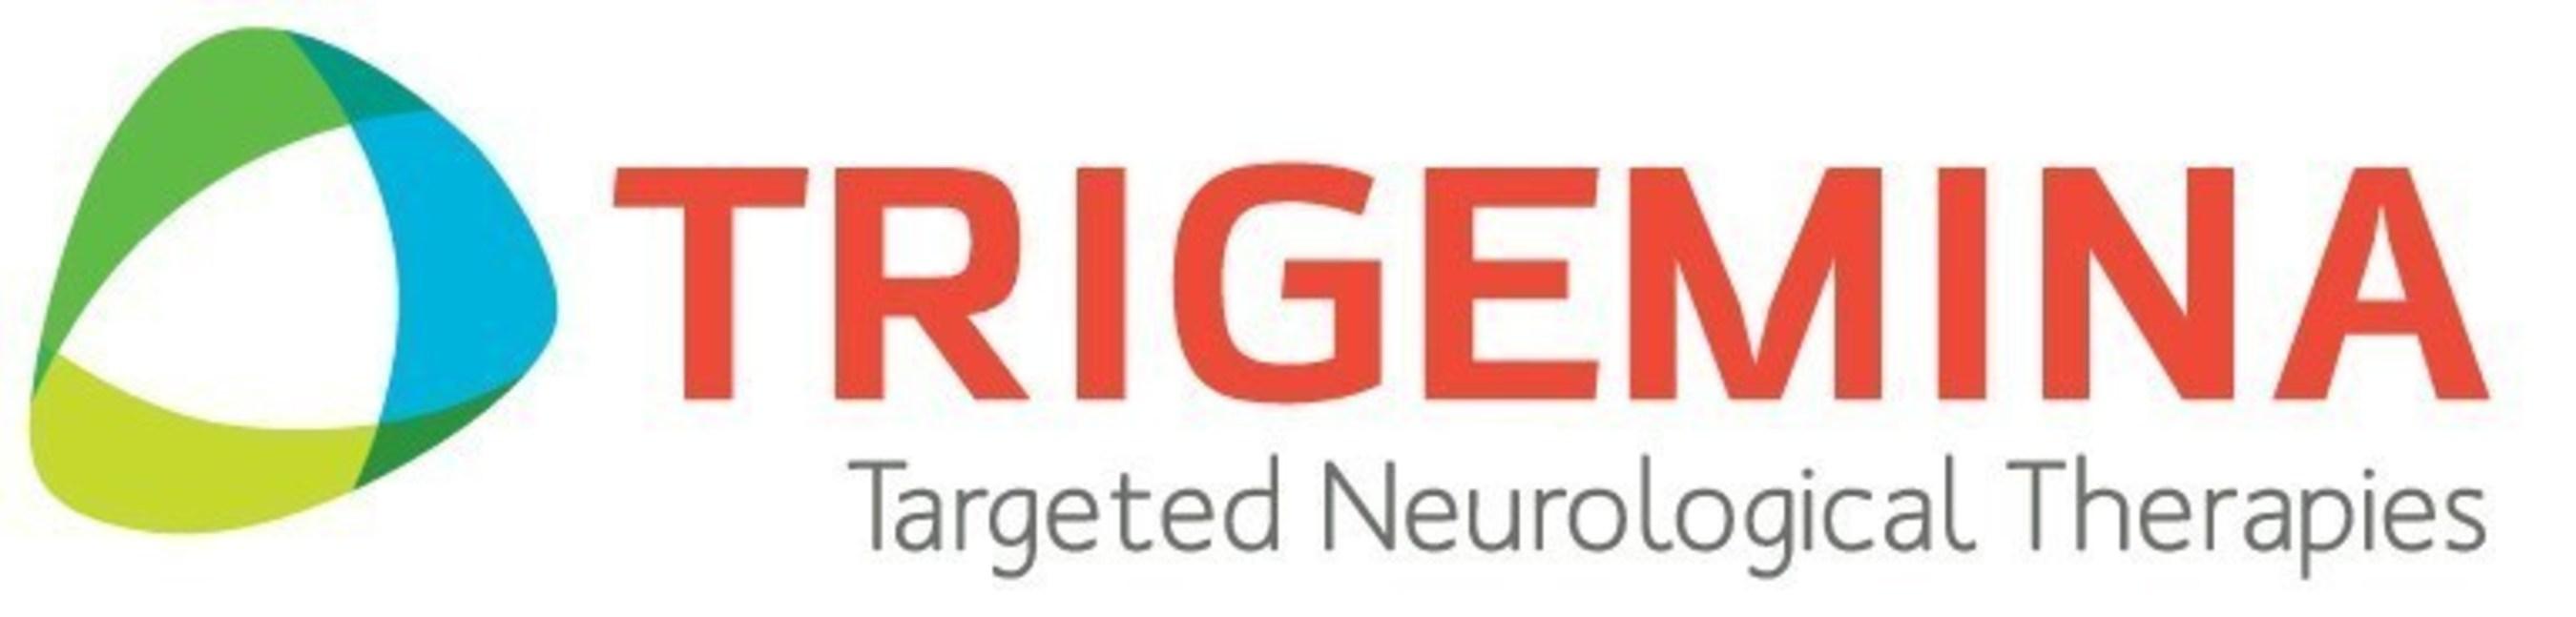 Trigemina to Present at Biotech Showcase 2016